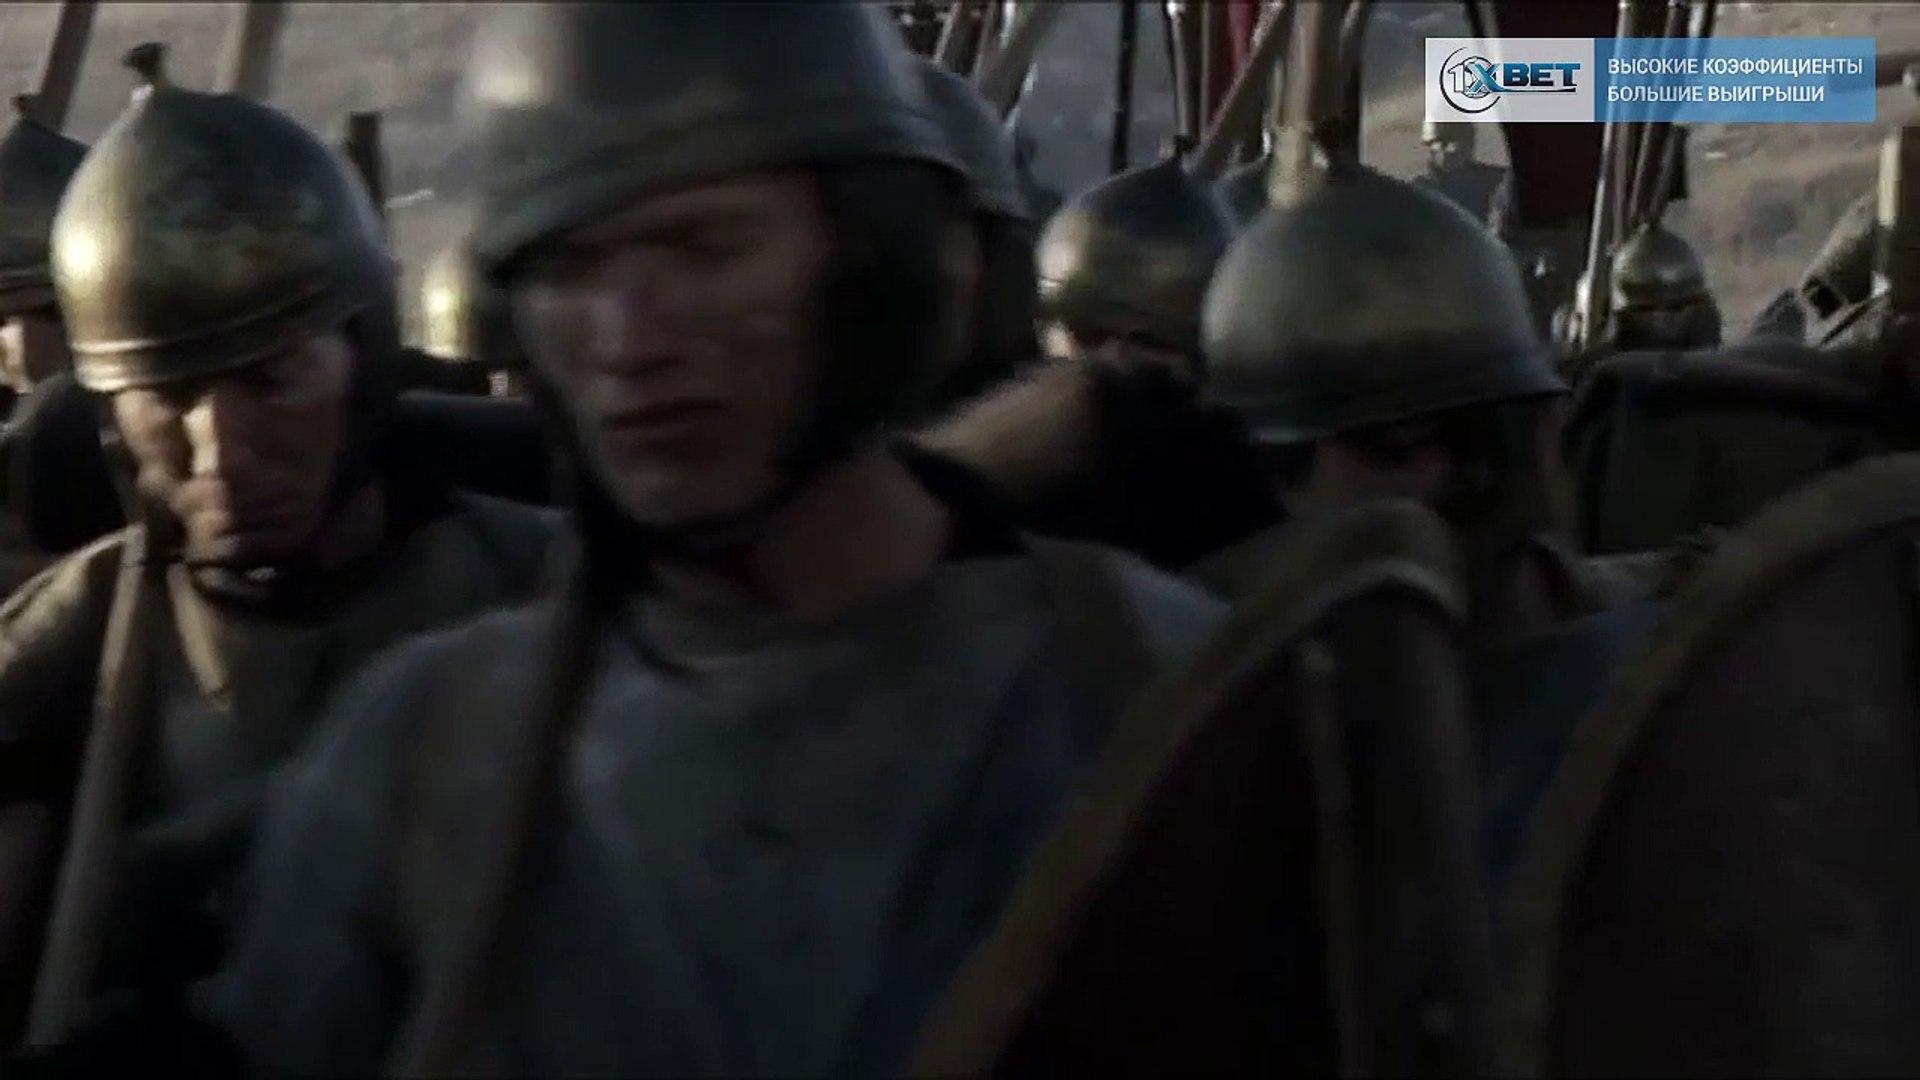 Римская империя: Власть крови 2 серия из 6 / Roman Empire: Reign of Blood (2016) HD 720p